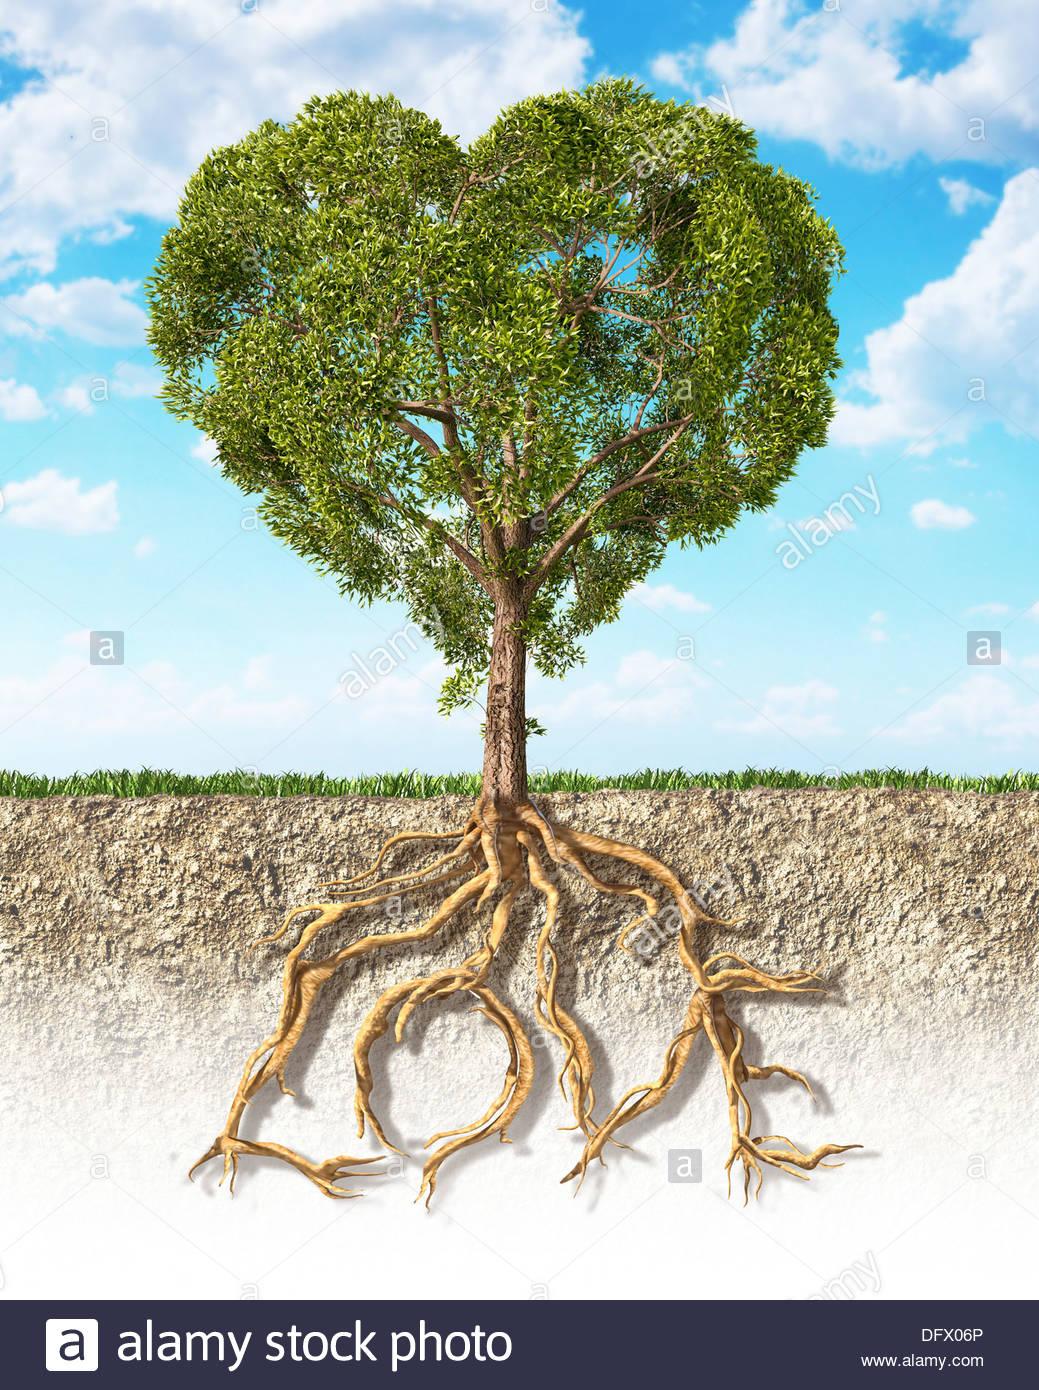 Querschnitt des Bodens zeigt einen herzförmigen Baum mit seinen Wurzeln als Text Liebe Stockfoto